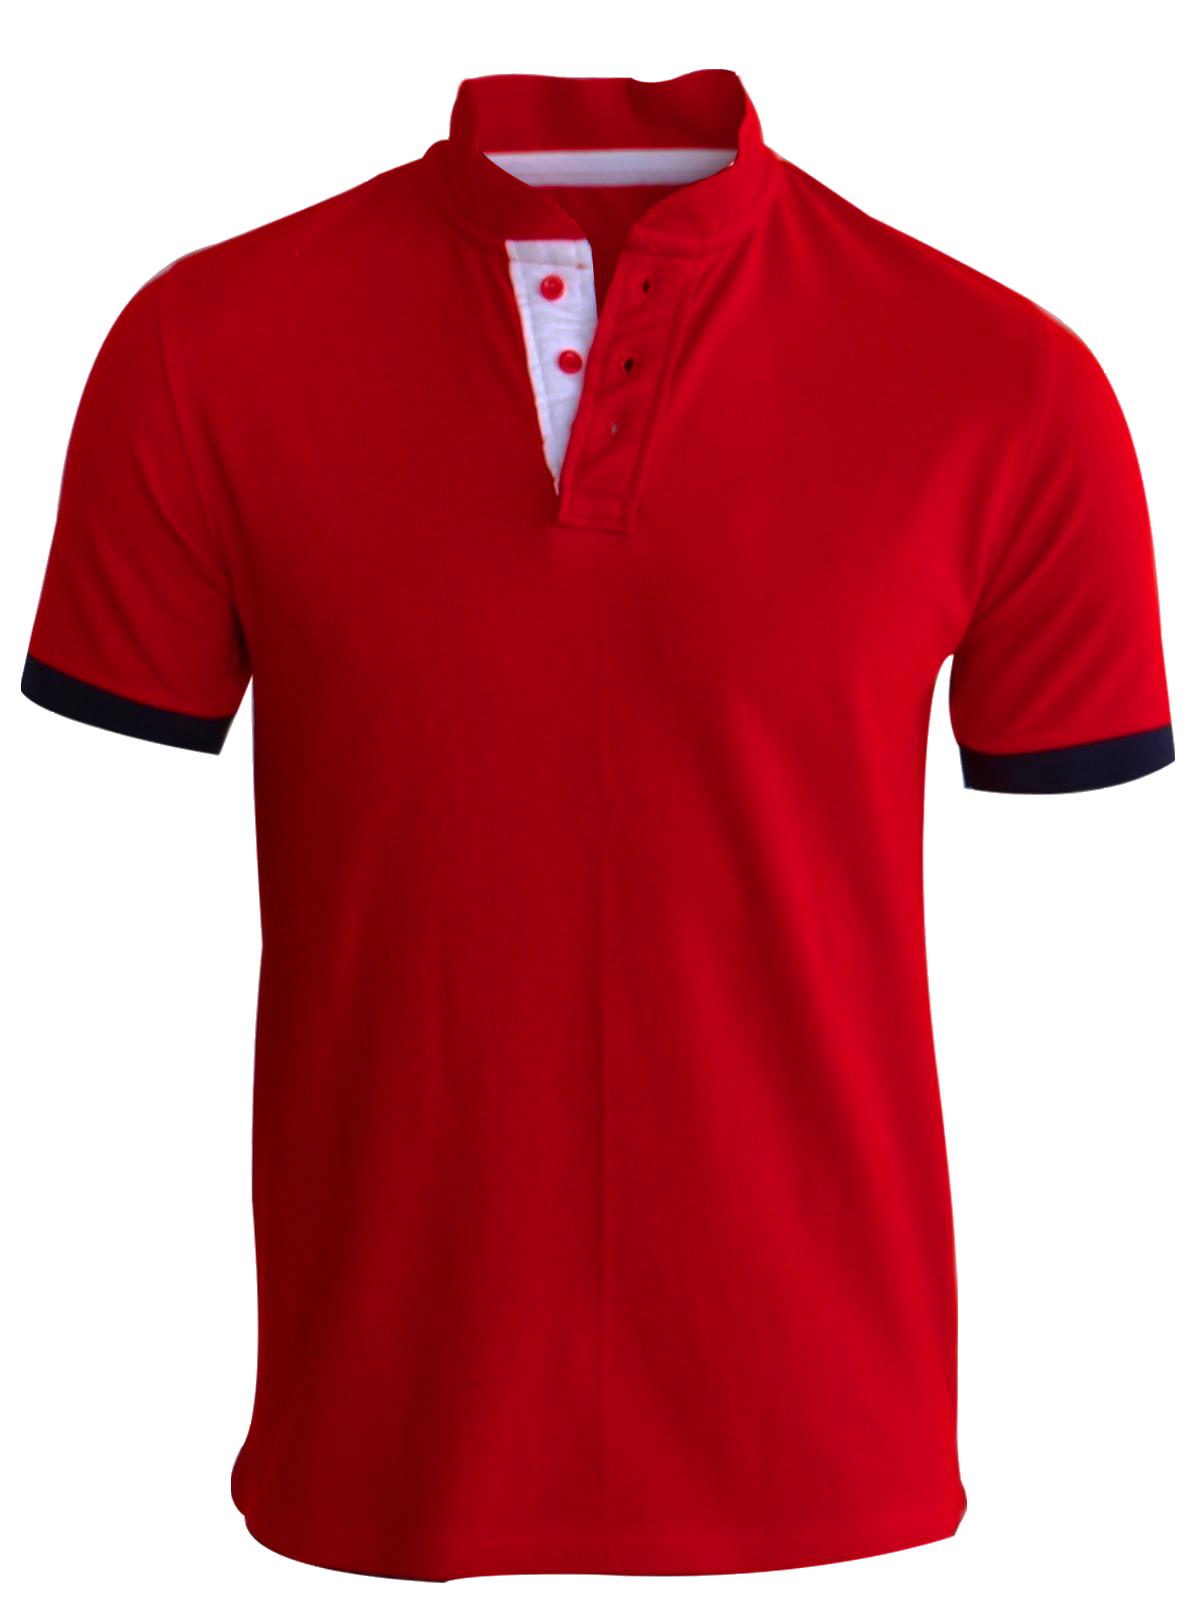 Tshirt PNG - 13334